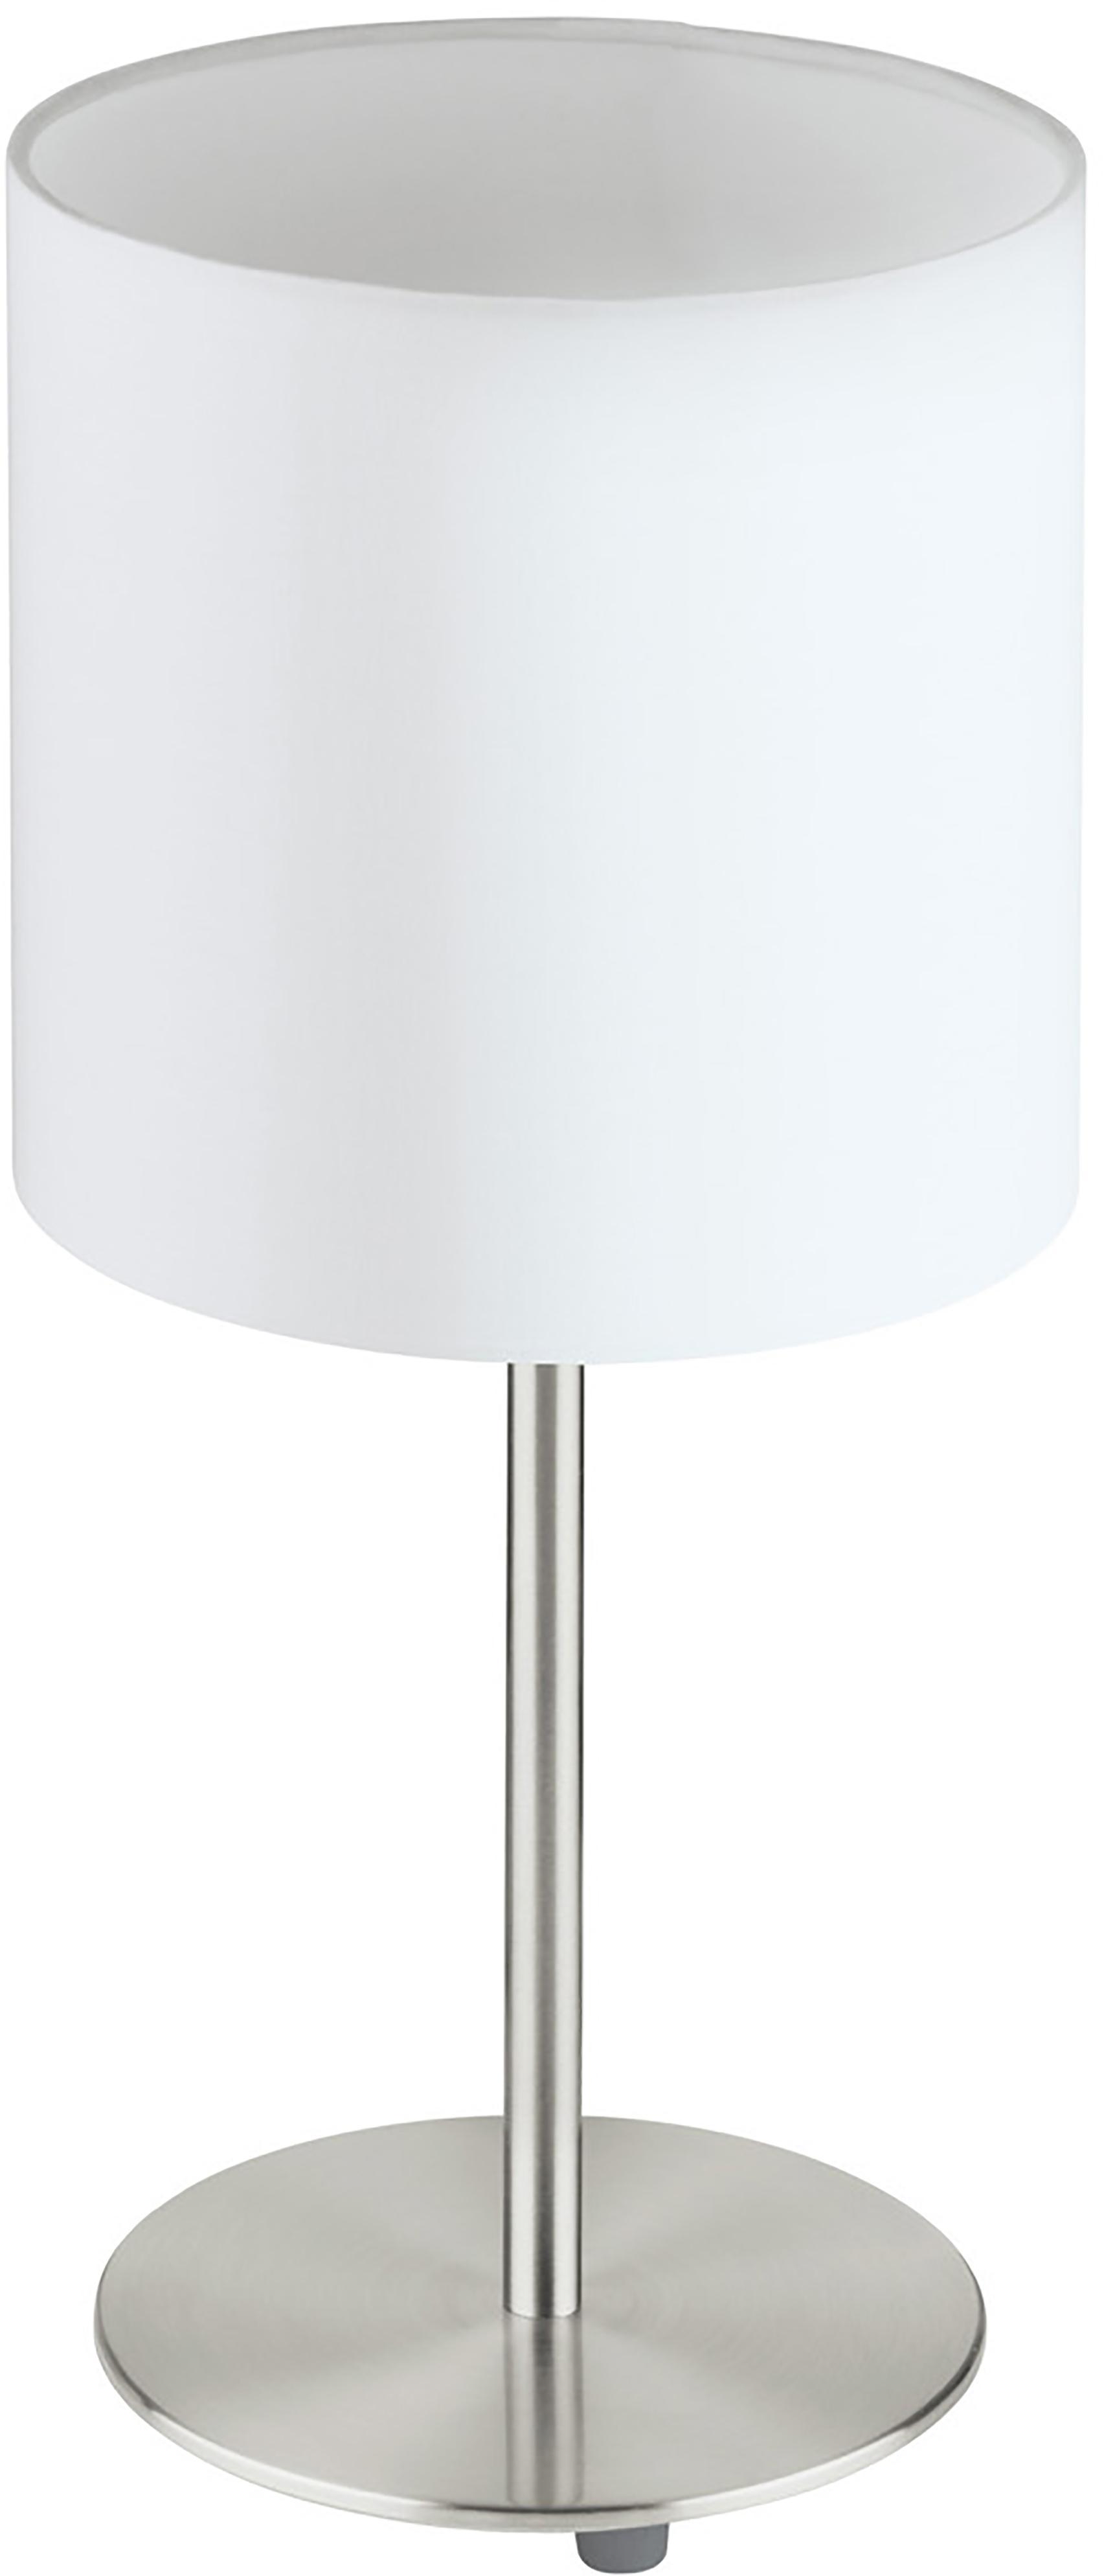 Klassische Tischlampe Mick, Lampenschirm: Textil, Weiss,Silberfarben, ∅ 18 x H 40 cm